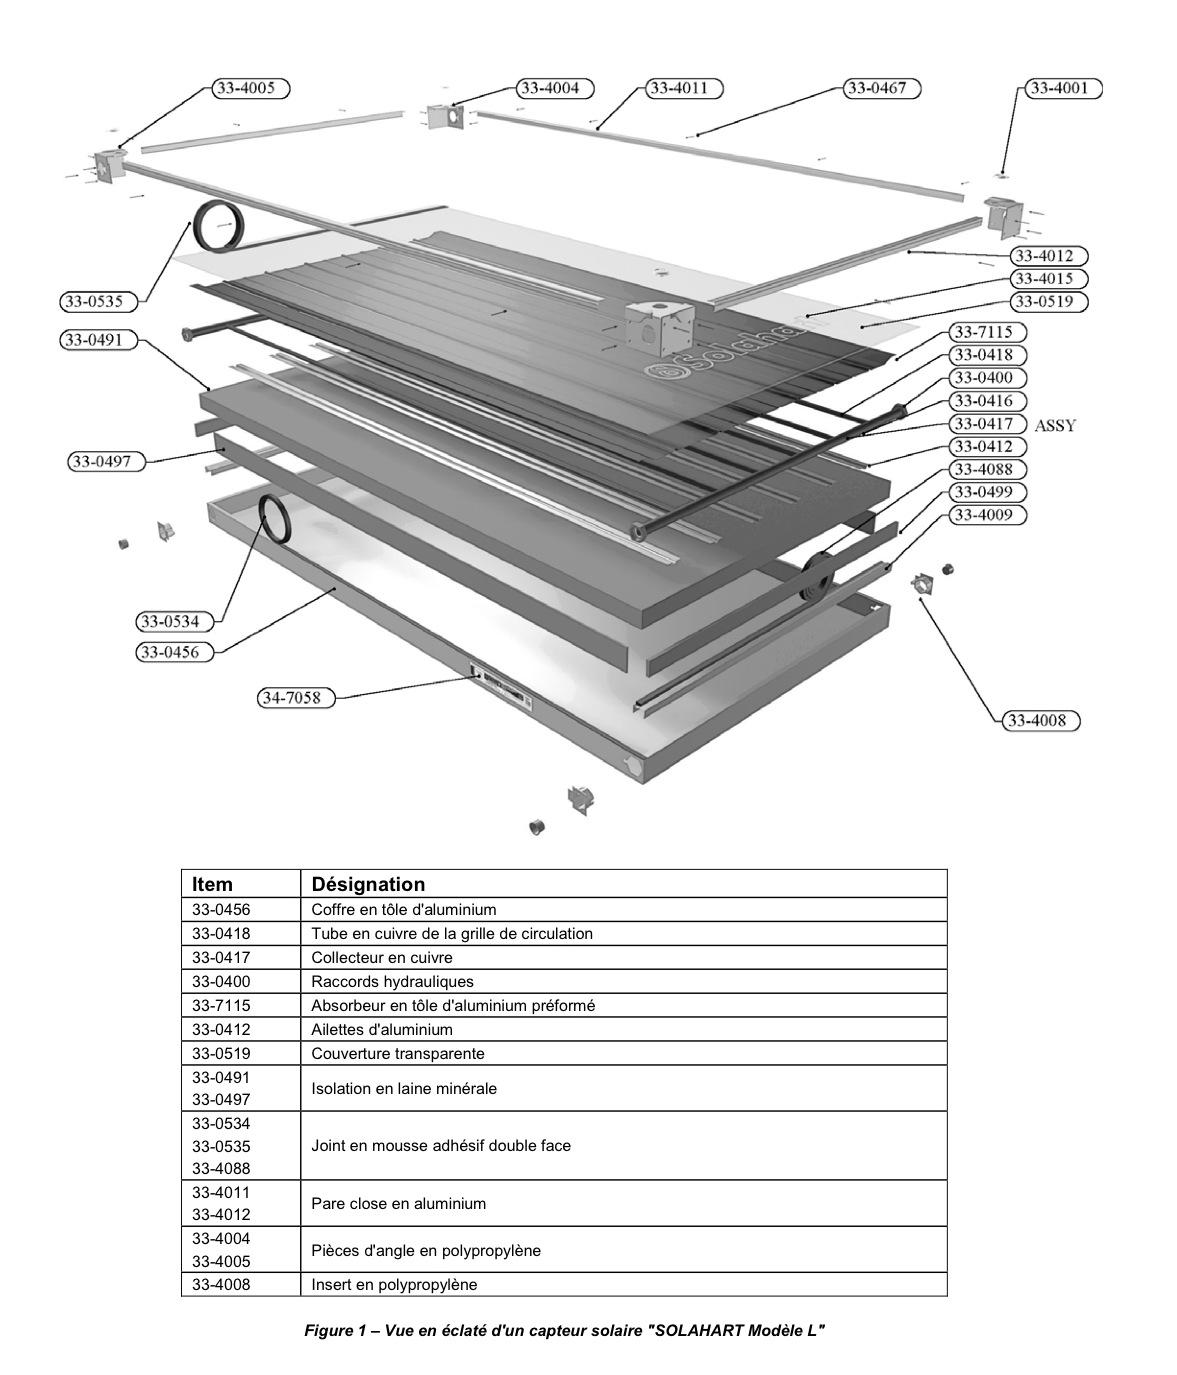 capteur solaire thermique capteur plan solahart lcs. Black Bedroom Furniture Sets. Home Design Ideas